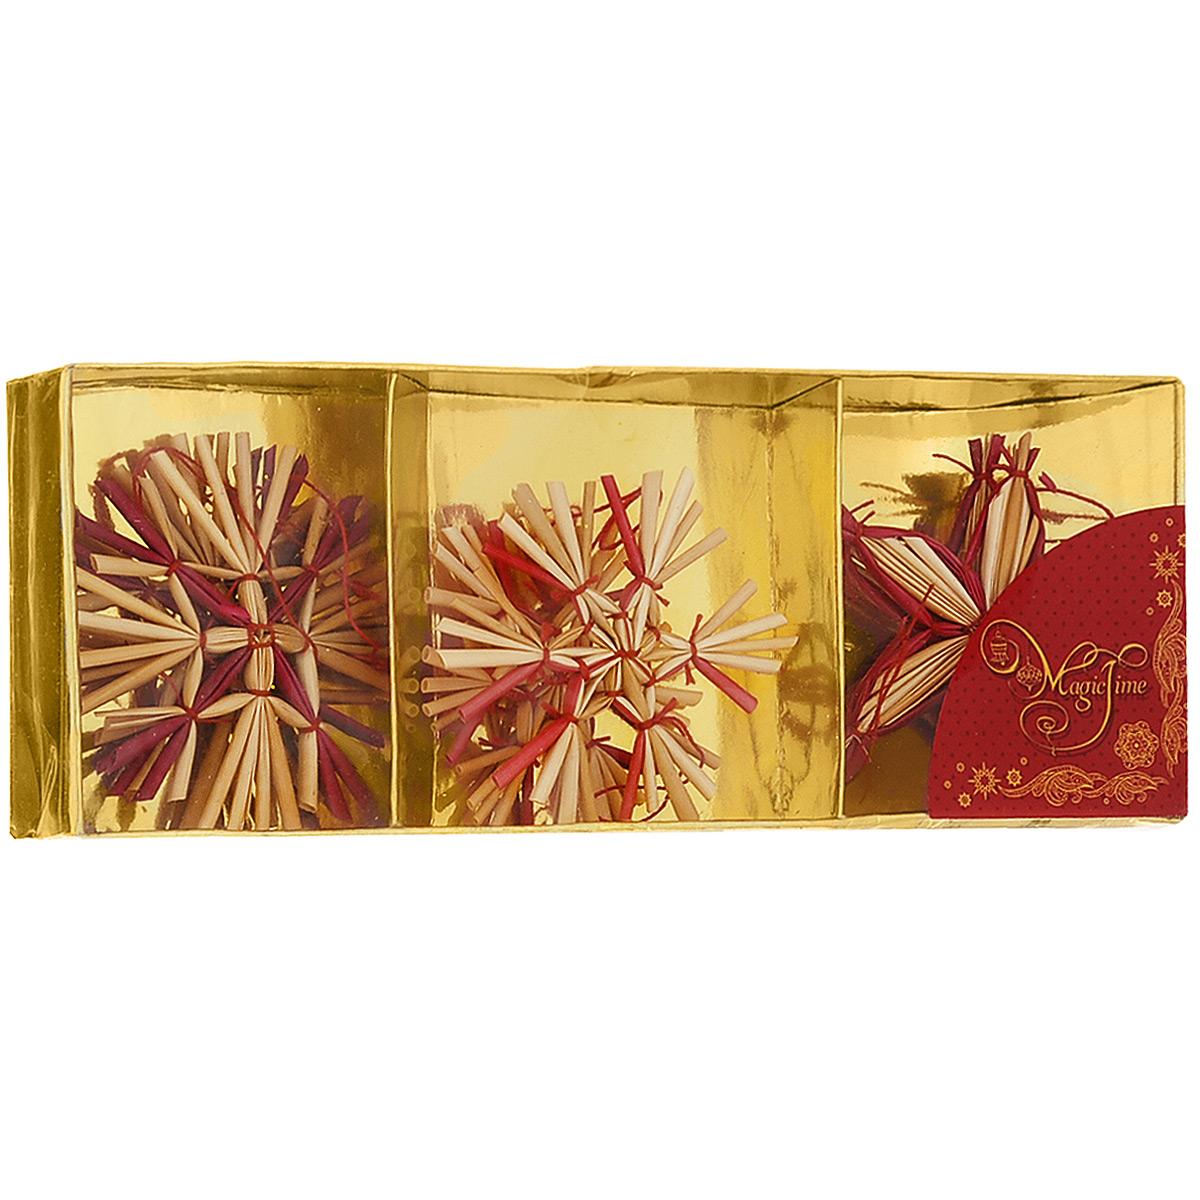 Набор новогодних подвесных украшений Magic Time, цвет: бежевый, красный, 6 шт. 3468834688Набор новогодних подвесных украшений Magic Time, изготовленный из соломки, украсит интерьер вашего дома или офиса в преддверии Нового года. Оригинальный дизайн и красочное исполнение создадут праздничное настроение. Набор состоит из 6 фигурок в форме снежинок разных форм. Украшения отлично подойдут для декорации вашего дома и новогодней ели. Игрушки оснащены специальными петлями для подвешивания. Елочная игрушка - символ Нового года. Она несет в себе волшебство и красоту праздника. Создайте в своем доме атмосферу веселья и радости, украшая всей семьей новогоднюю елку нарядными игрушками, которые будут из года в год накапливать теплоту воспоминаний. Коллекция декоративных украшений из серии Magic Time принесет в ваш дом ни с чем не сравнимое ощущение волшебства!